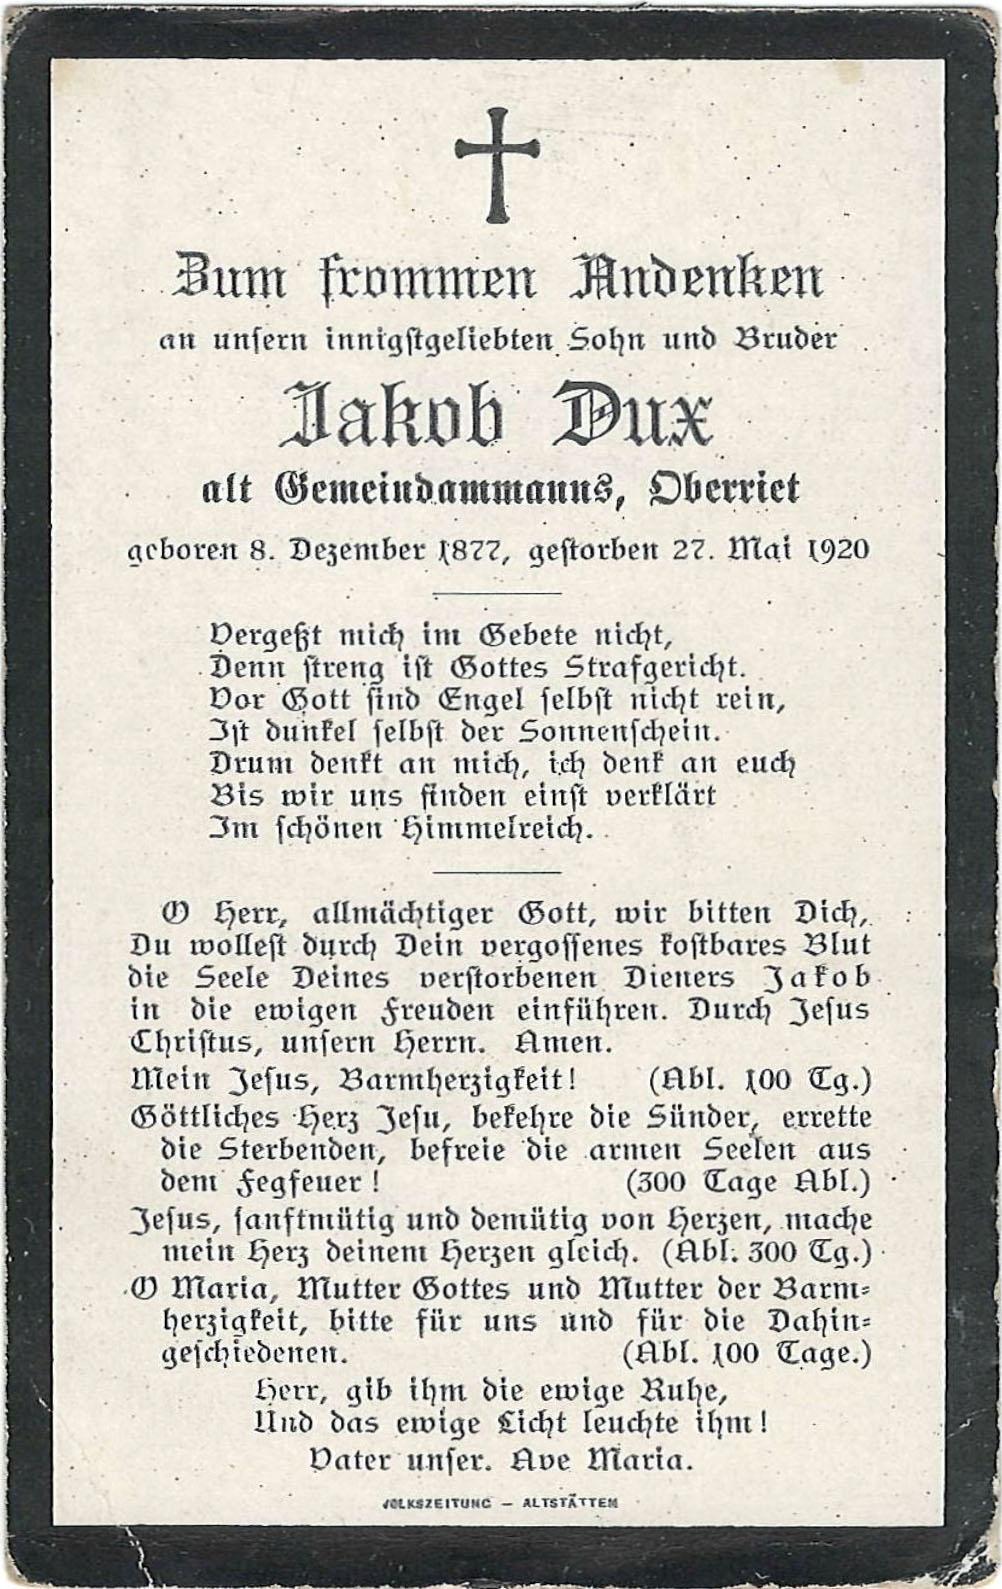 Jakob Dux (1877-1920)